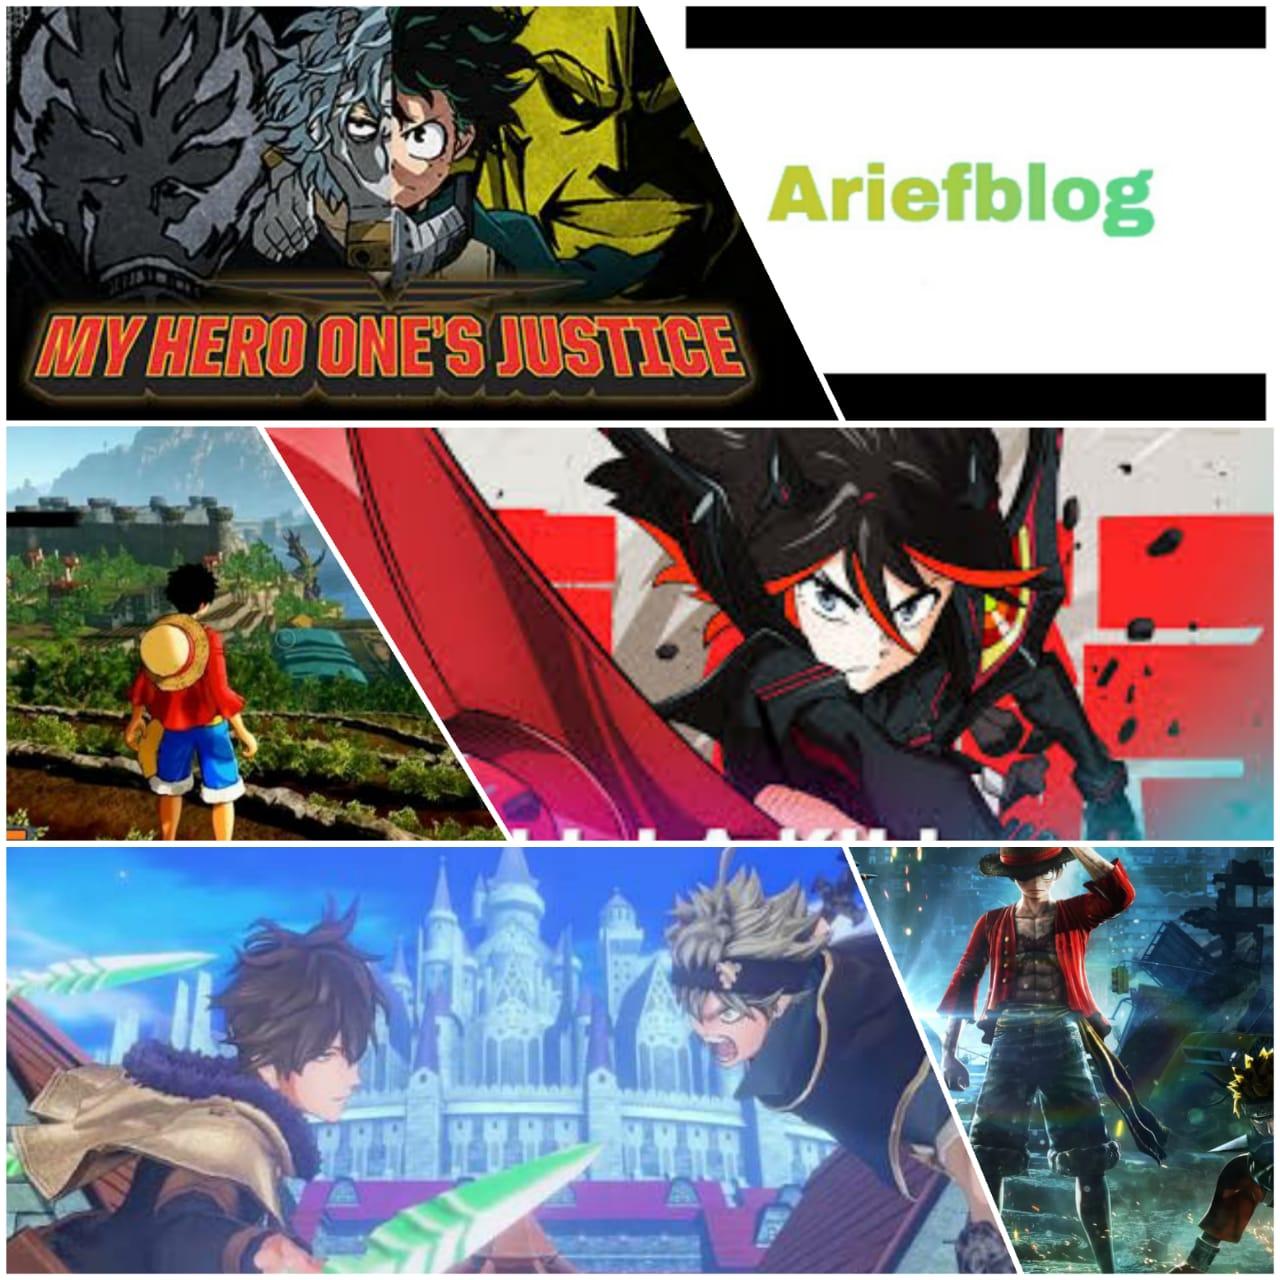 Daftar Game Anime Yang Bakal Rilis Tahun 2019 Ariefblog